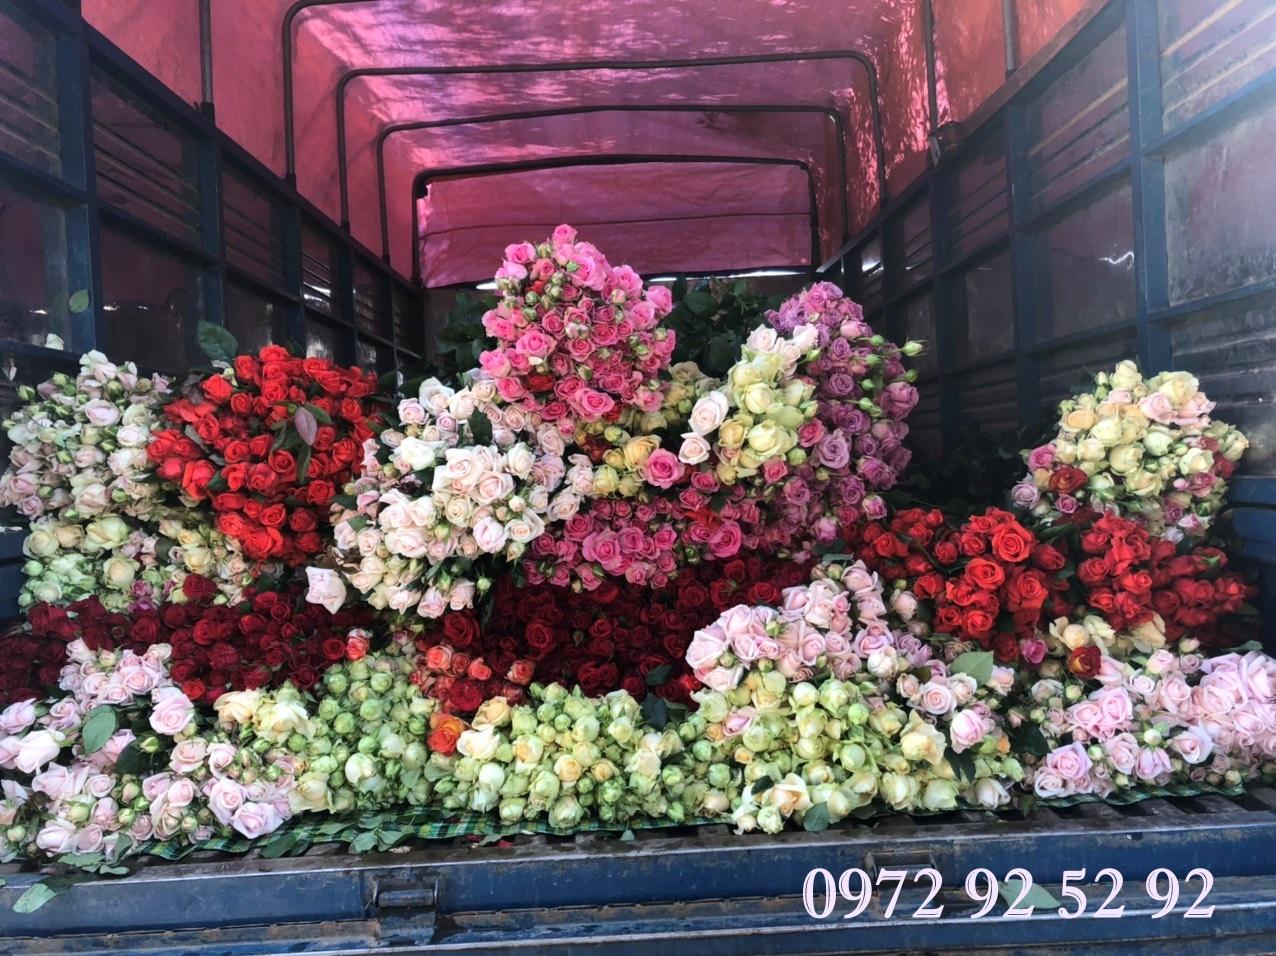 Hoa hồng đà lạt – Hoa hồng đà lạt giá sỉ tại vườn